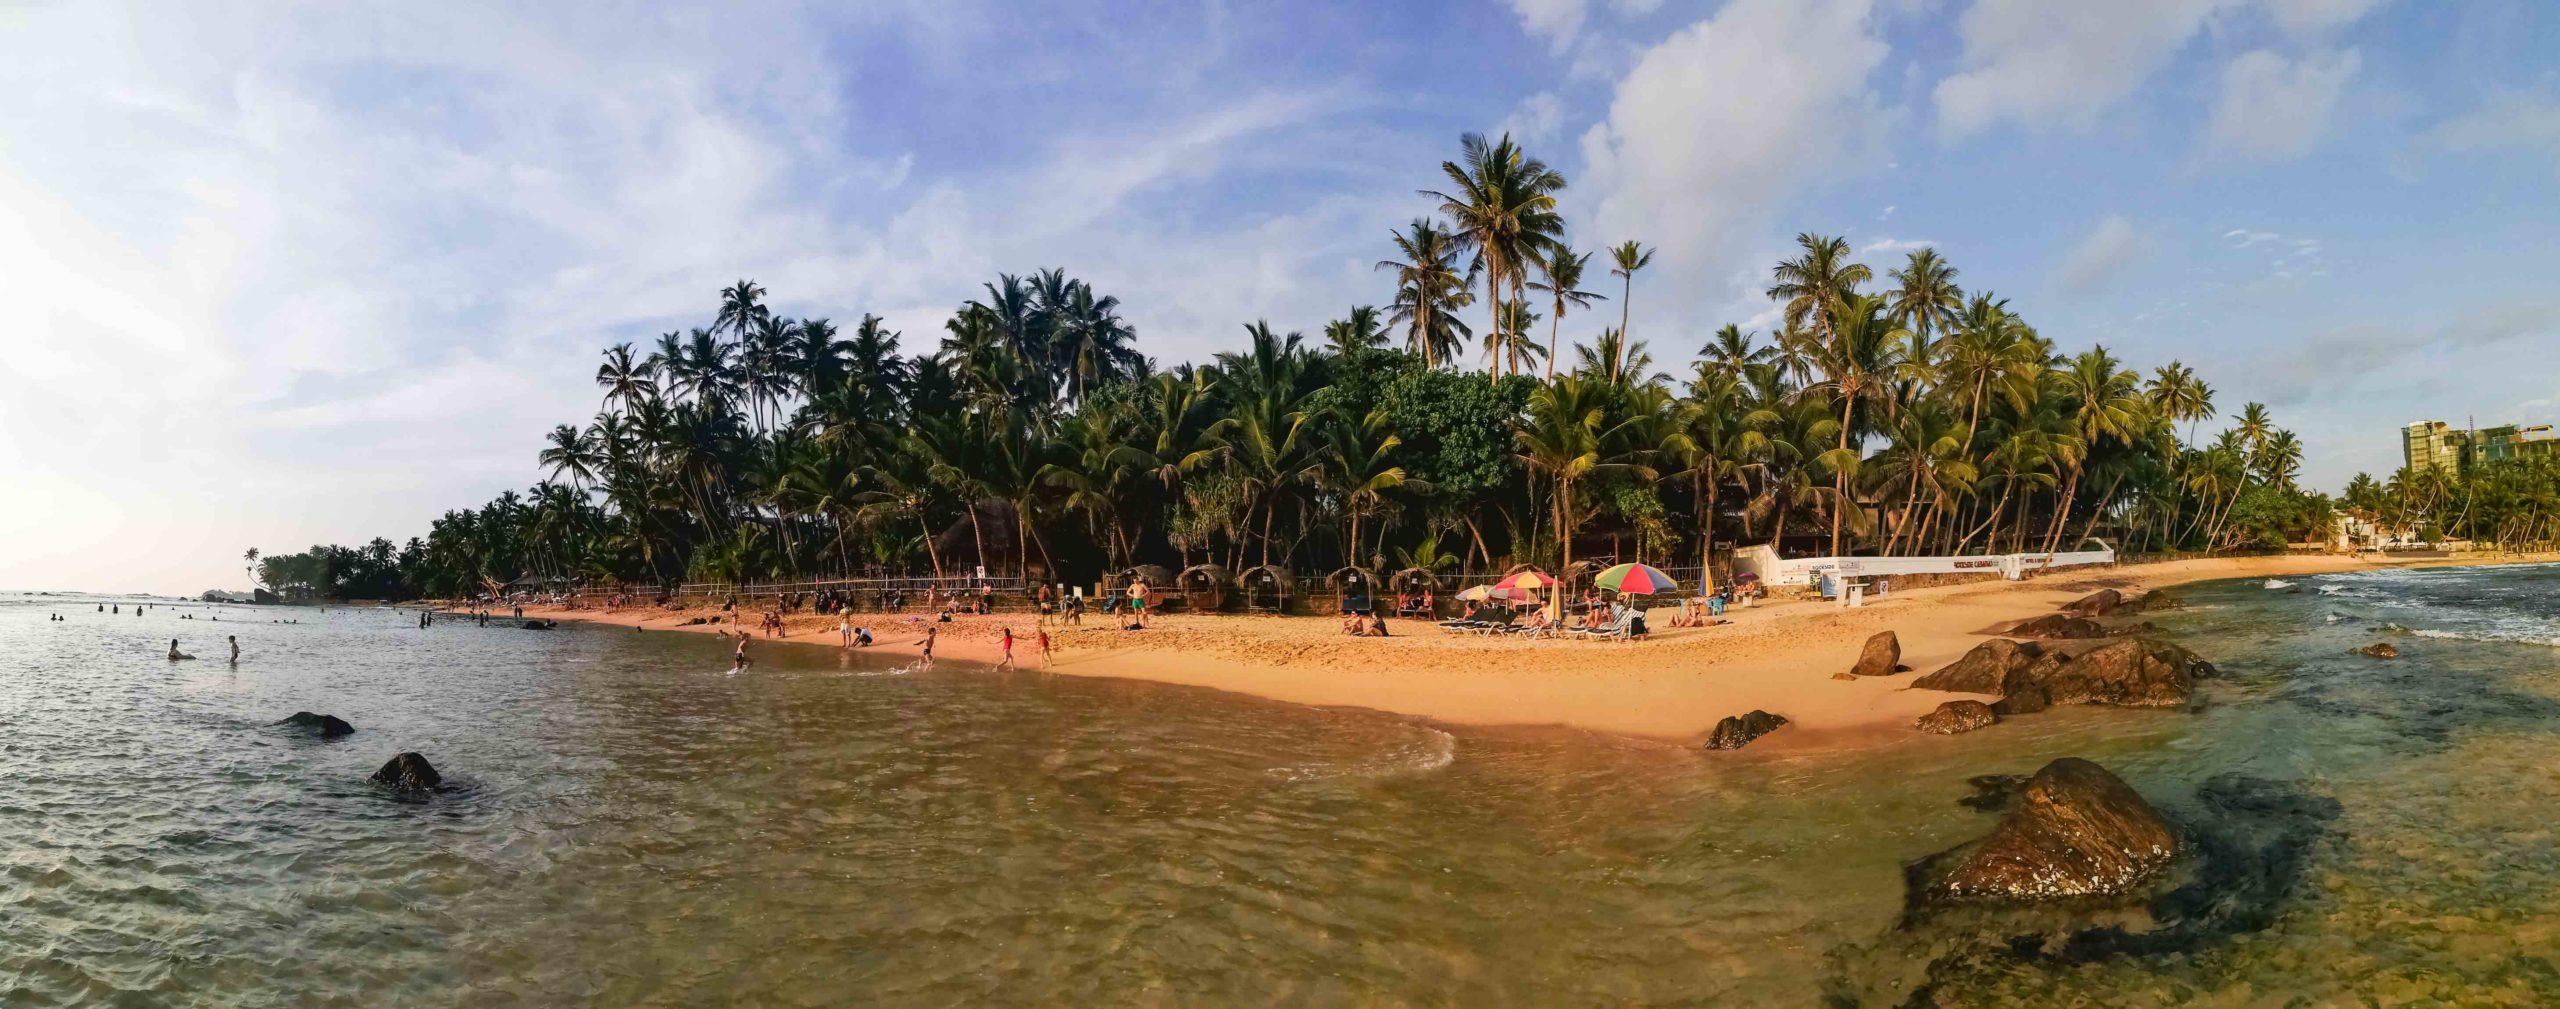 виджайя пляж унаватуна шри ланка фото